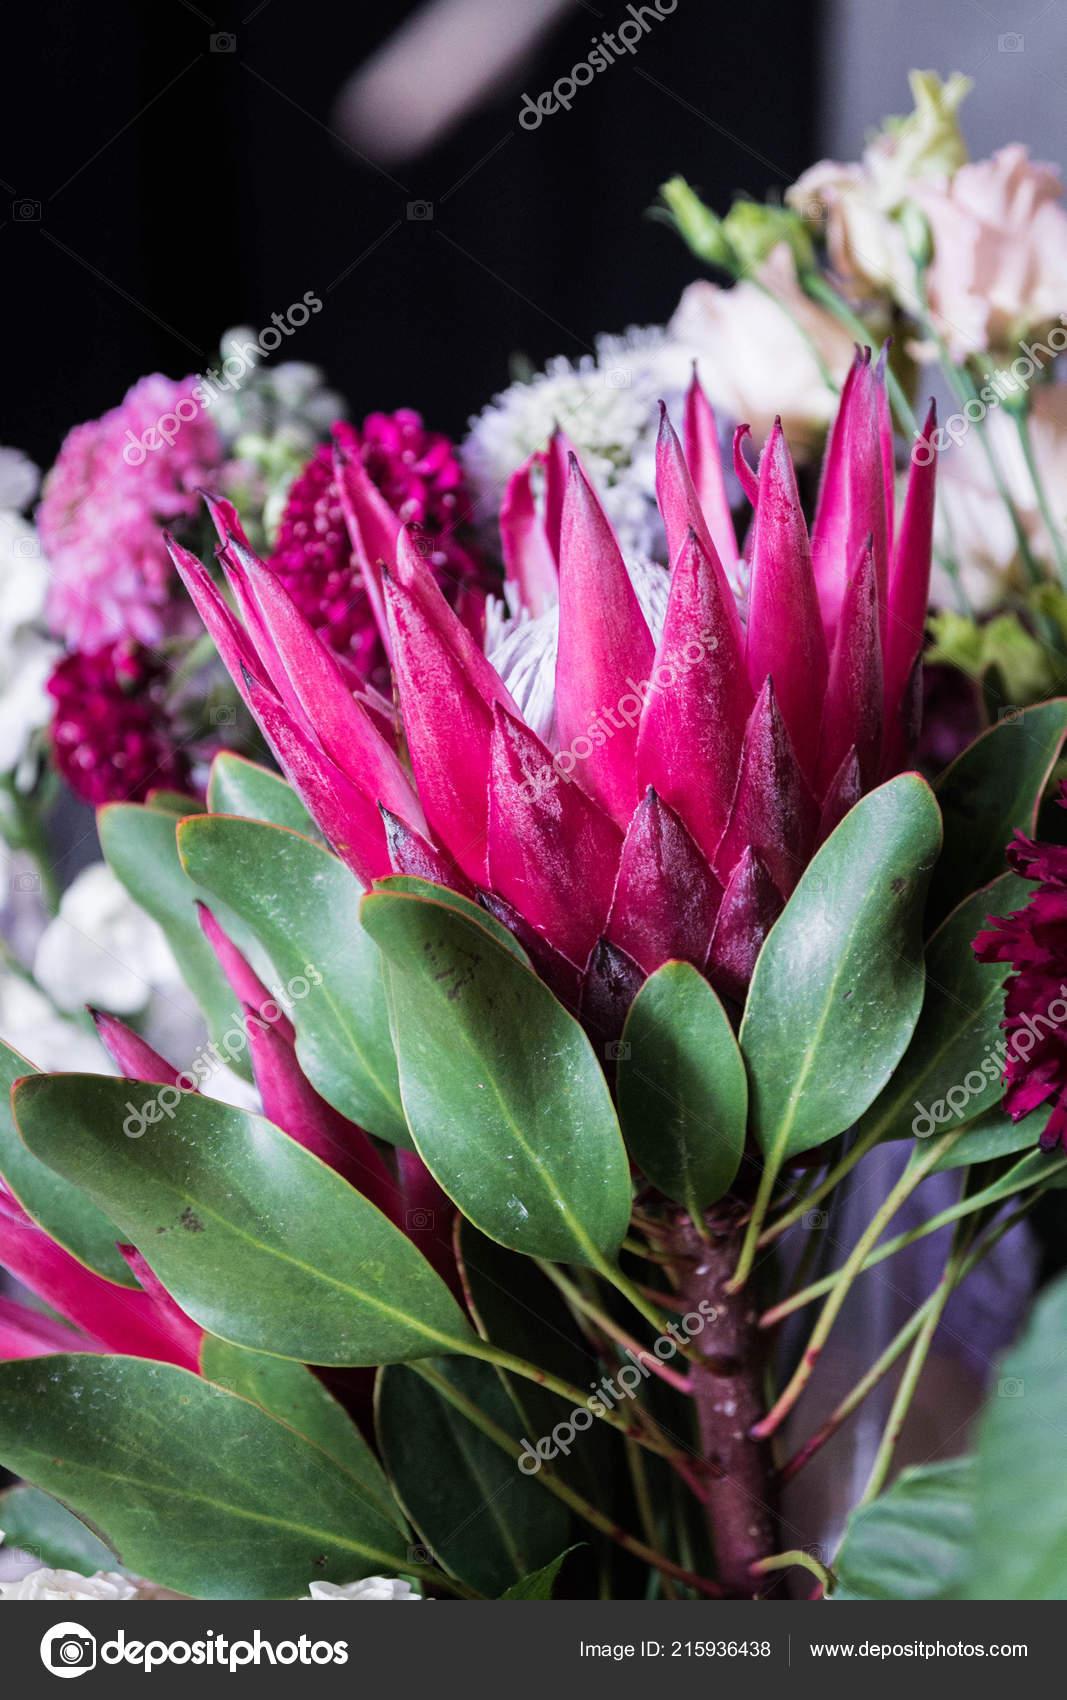 Protea çiçek Açan çiçek Kırmızı çiçek Taç çiçek Stok Foto Vzwer